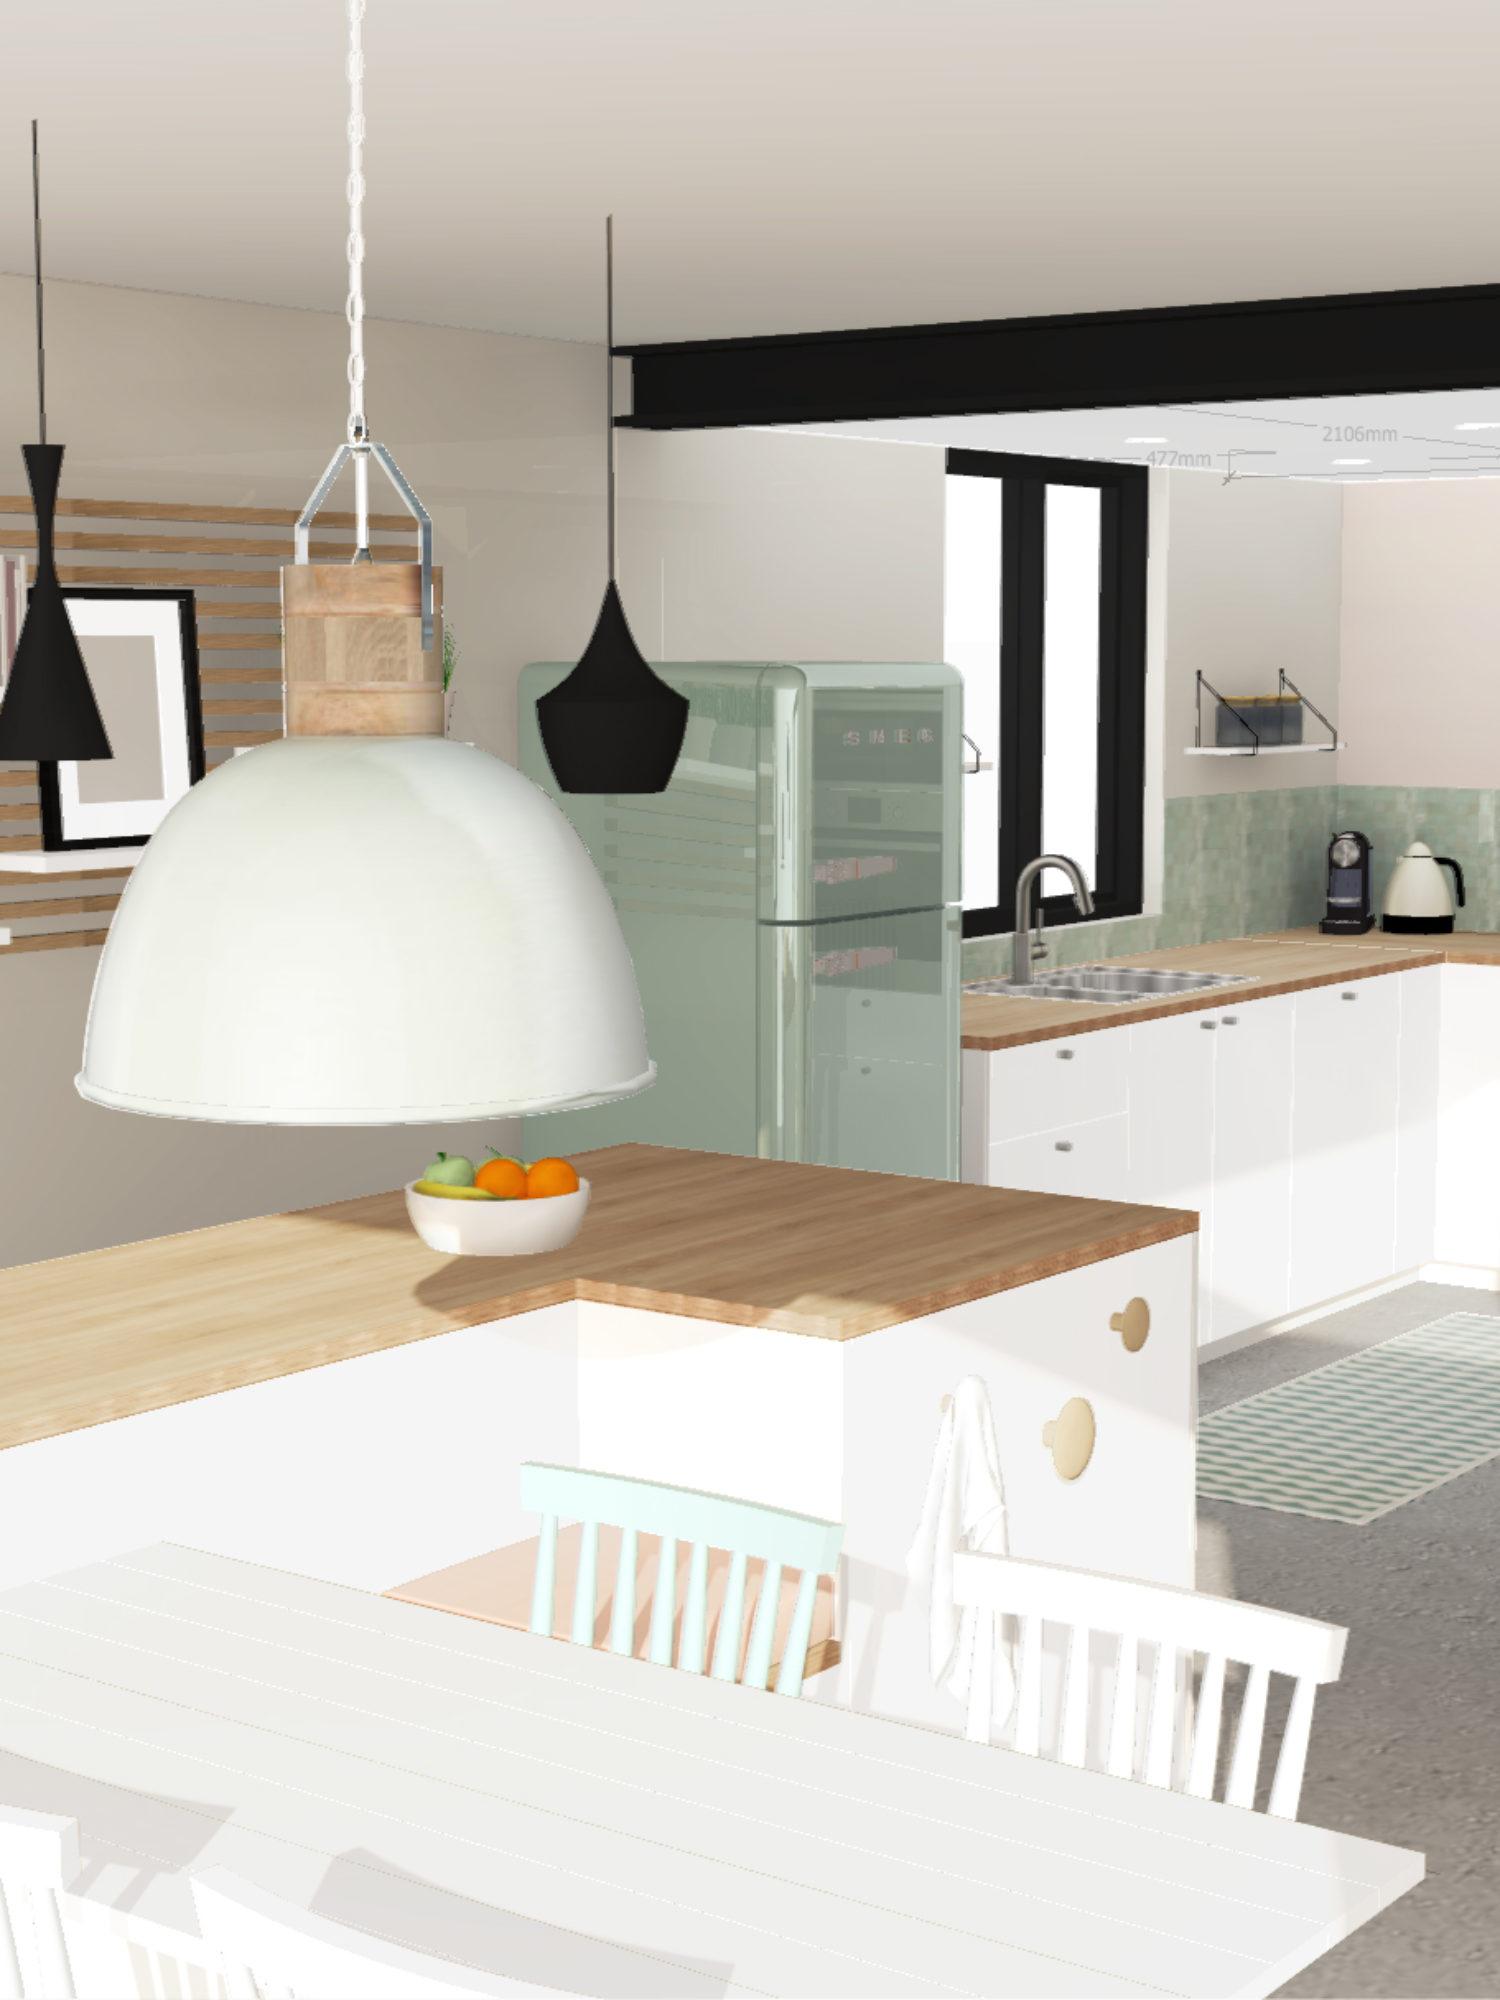 ARCHITECTURE D'INTÉRIEUR • Création d'une cuisine sur-mesure dans une maison individuelle rénovée et agrandie à toulouse